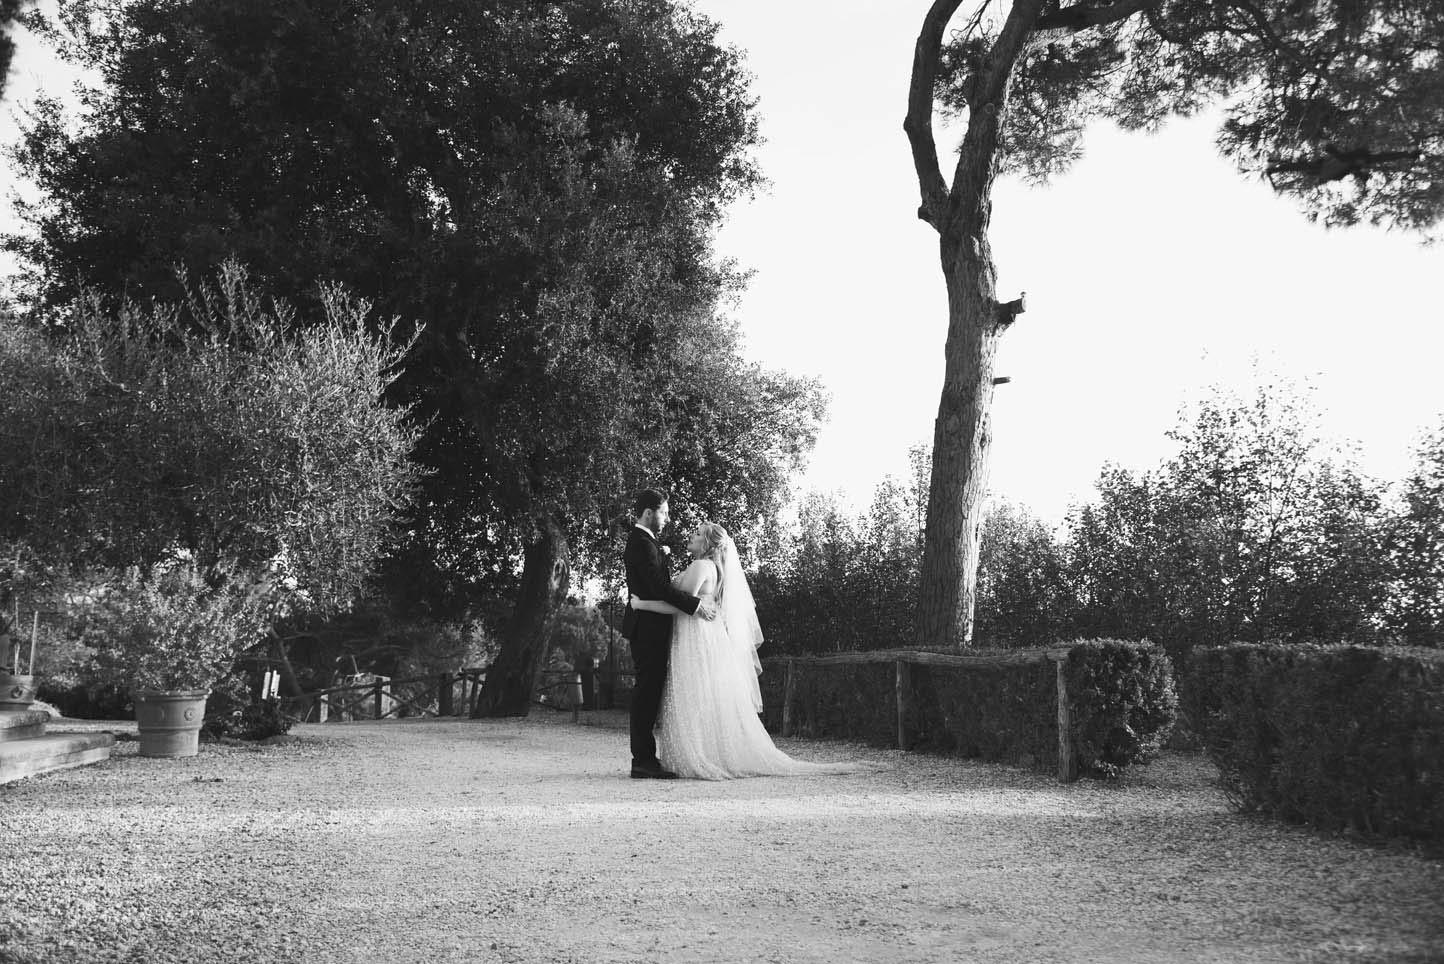 47 - Matrimonio a Roma - Manuel e Carlie - Fabrizio Musolino Fotografo Reportage.jpg